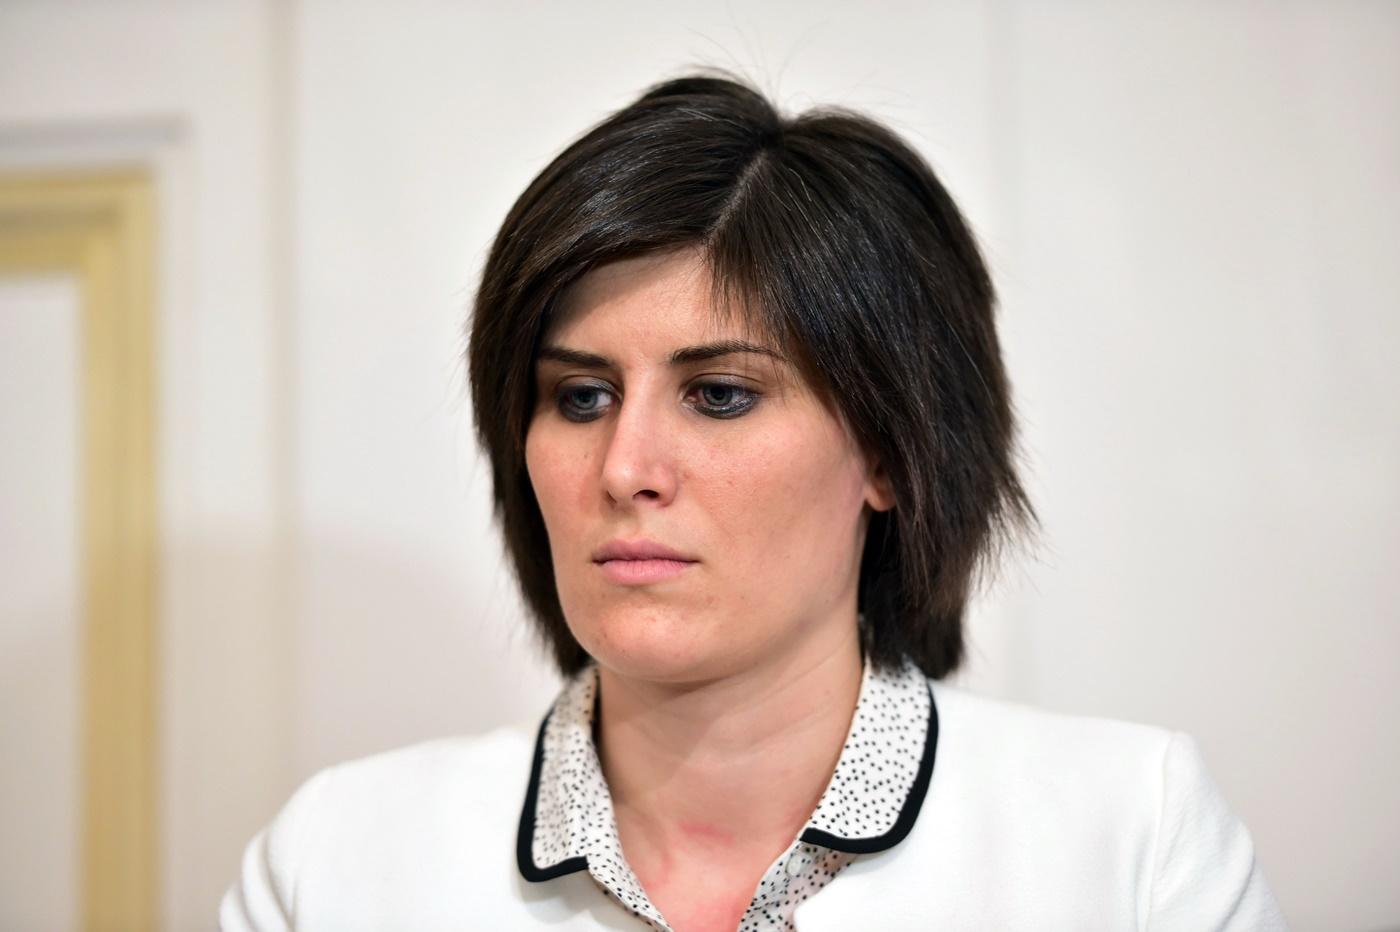 Chiara Appendino è stata indagata